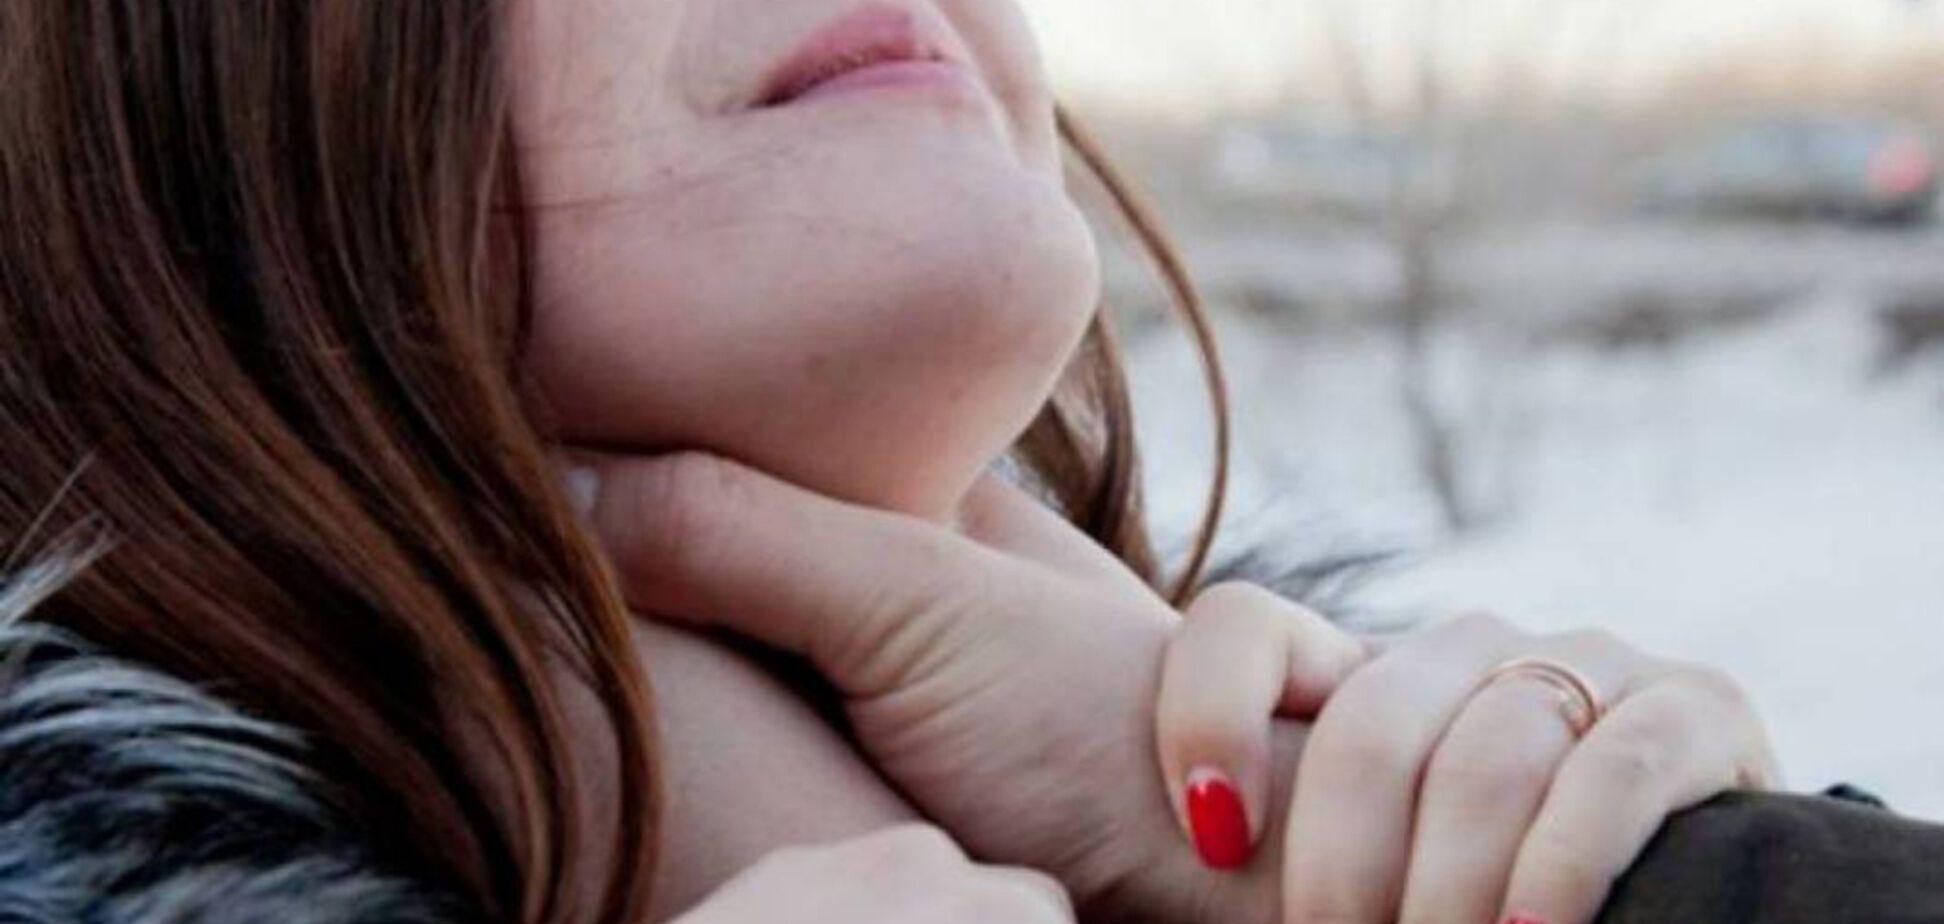 На Житомирщине компания школьниц избила девушку: детали нападения